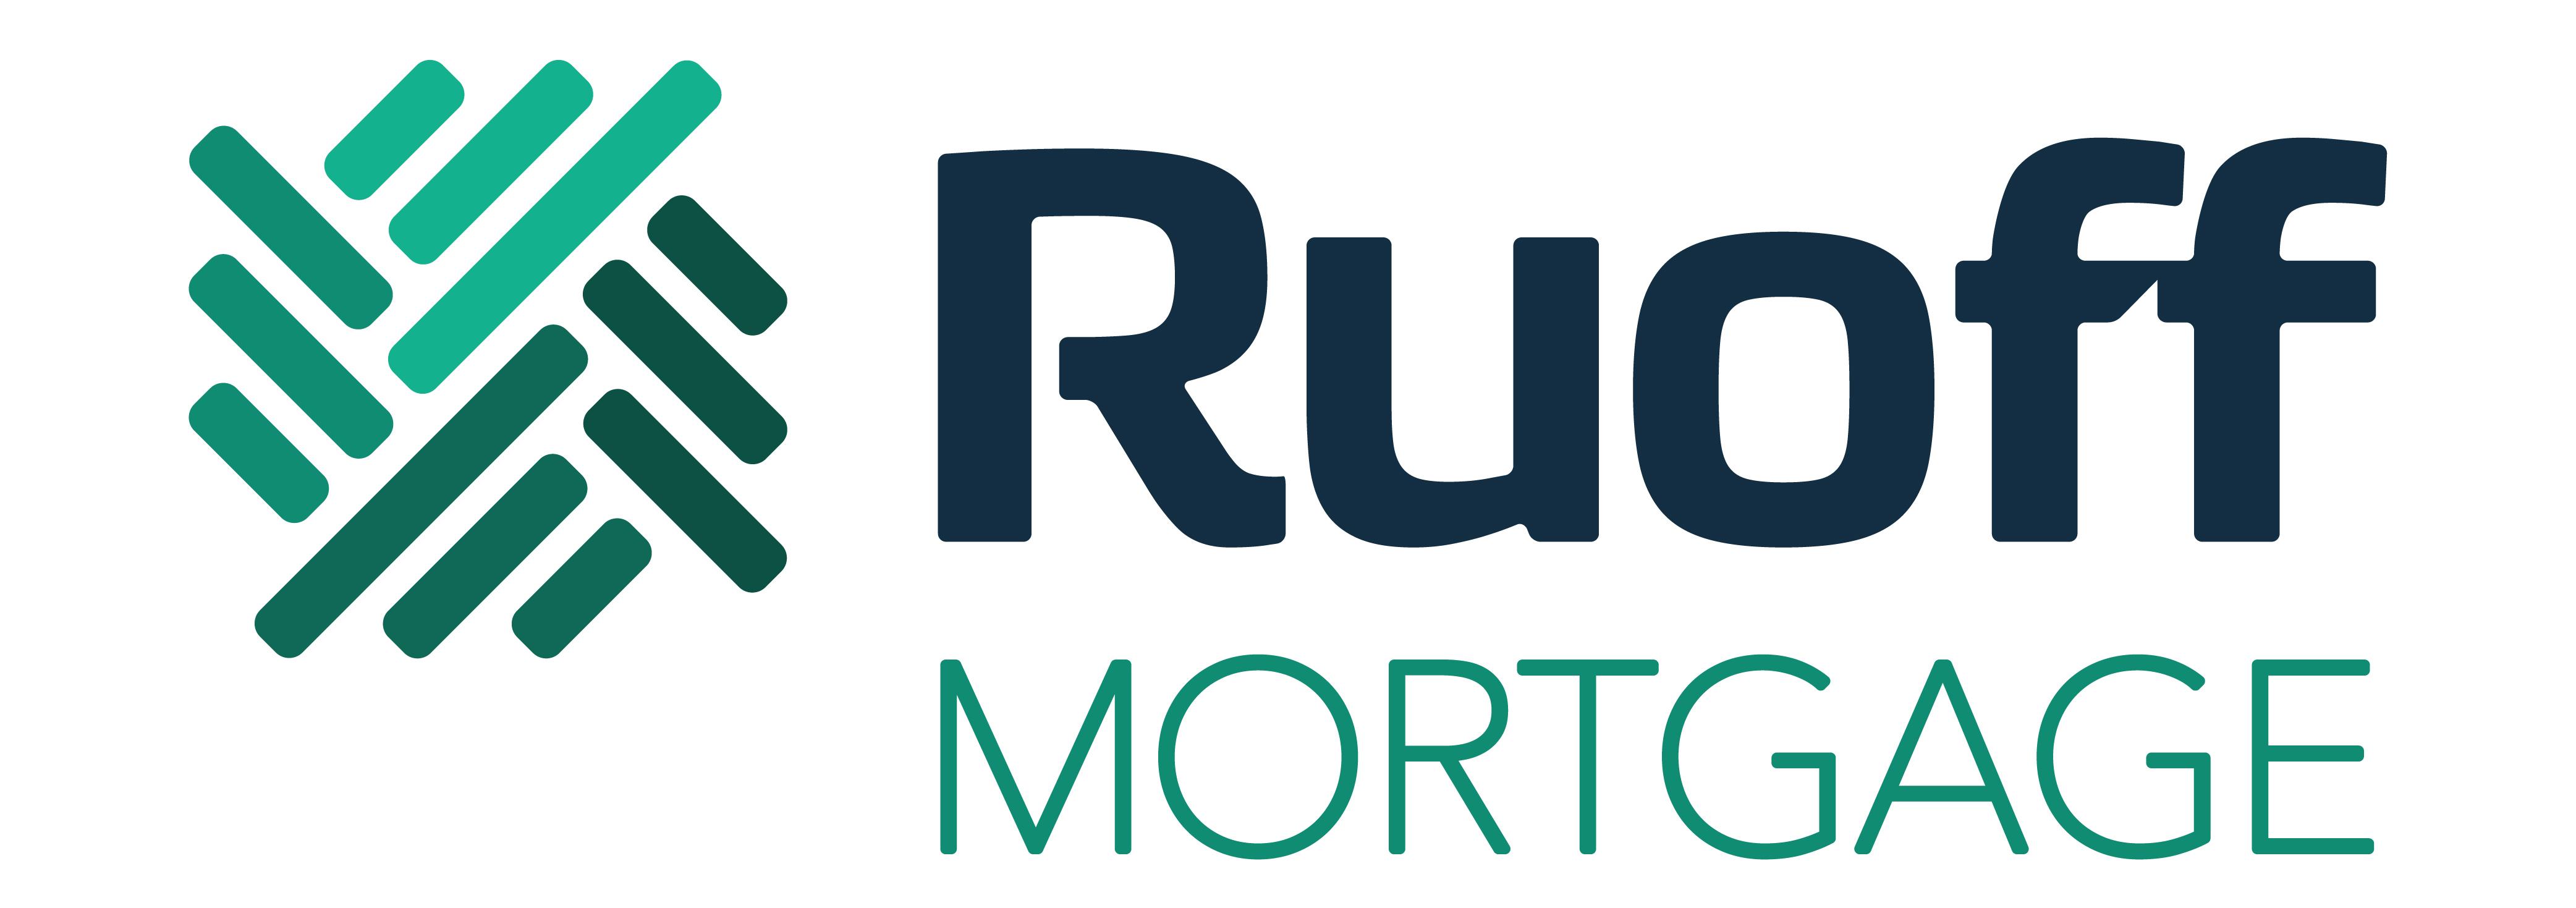 Rouff Mortgage